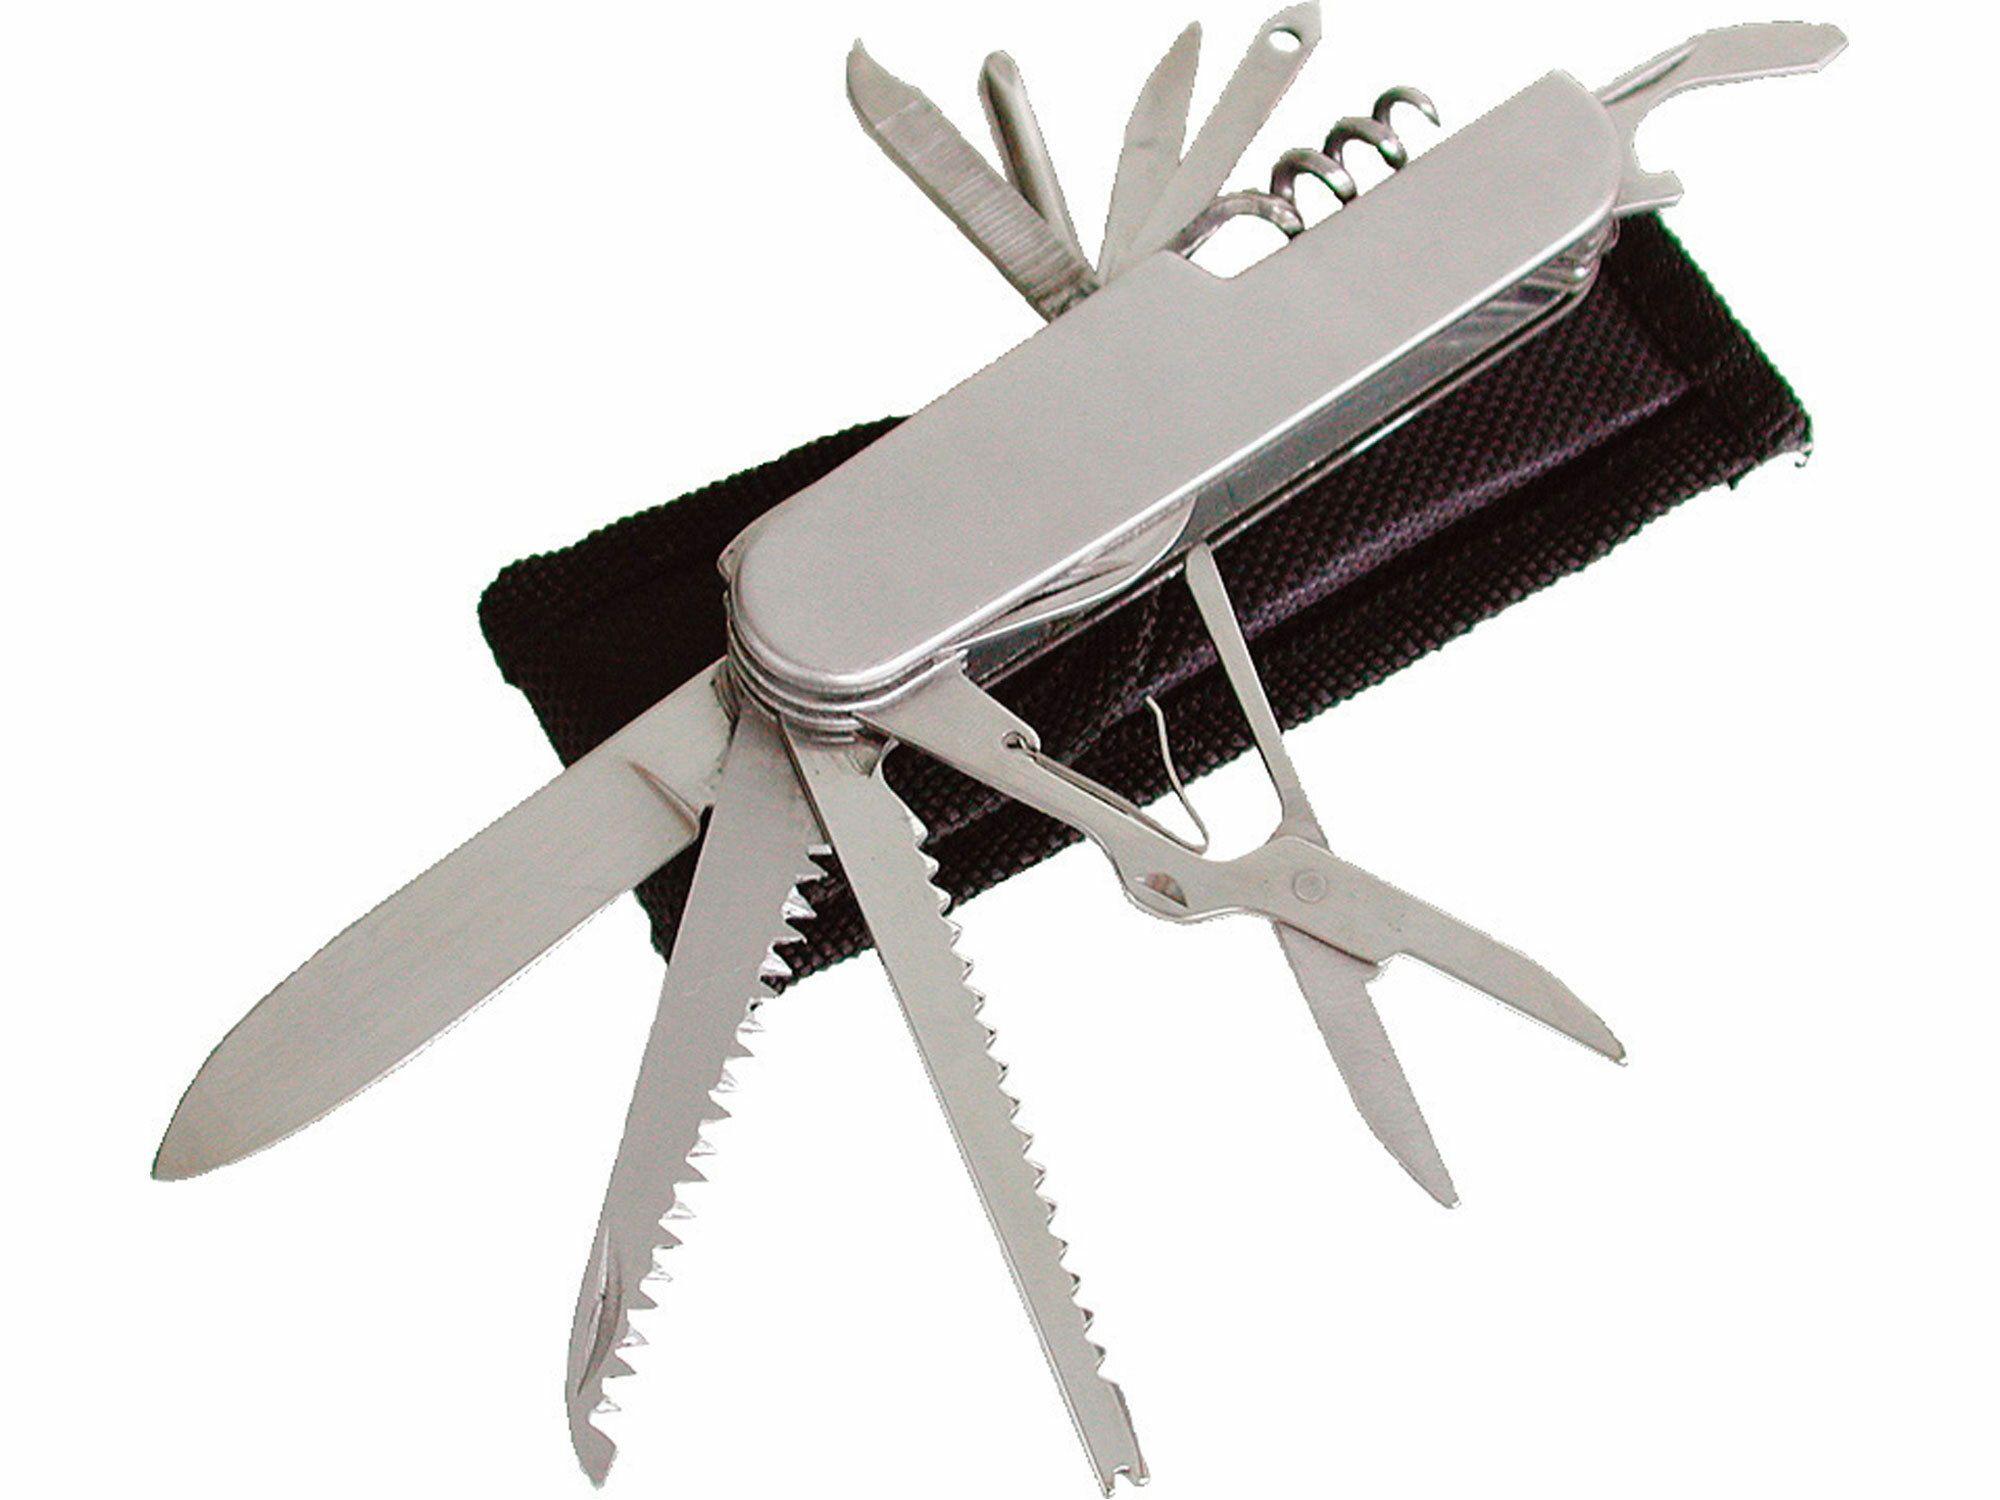 Nůž zavírací 11dílný s pouzdrem, 90mm, délka zavřeného nože 90mm, NEREZ, EXTOL CRAFT